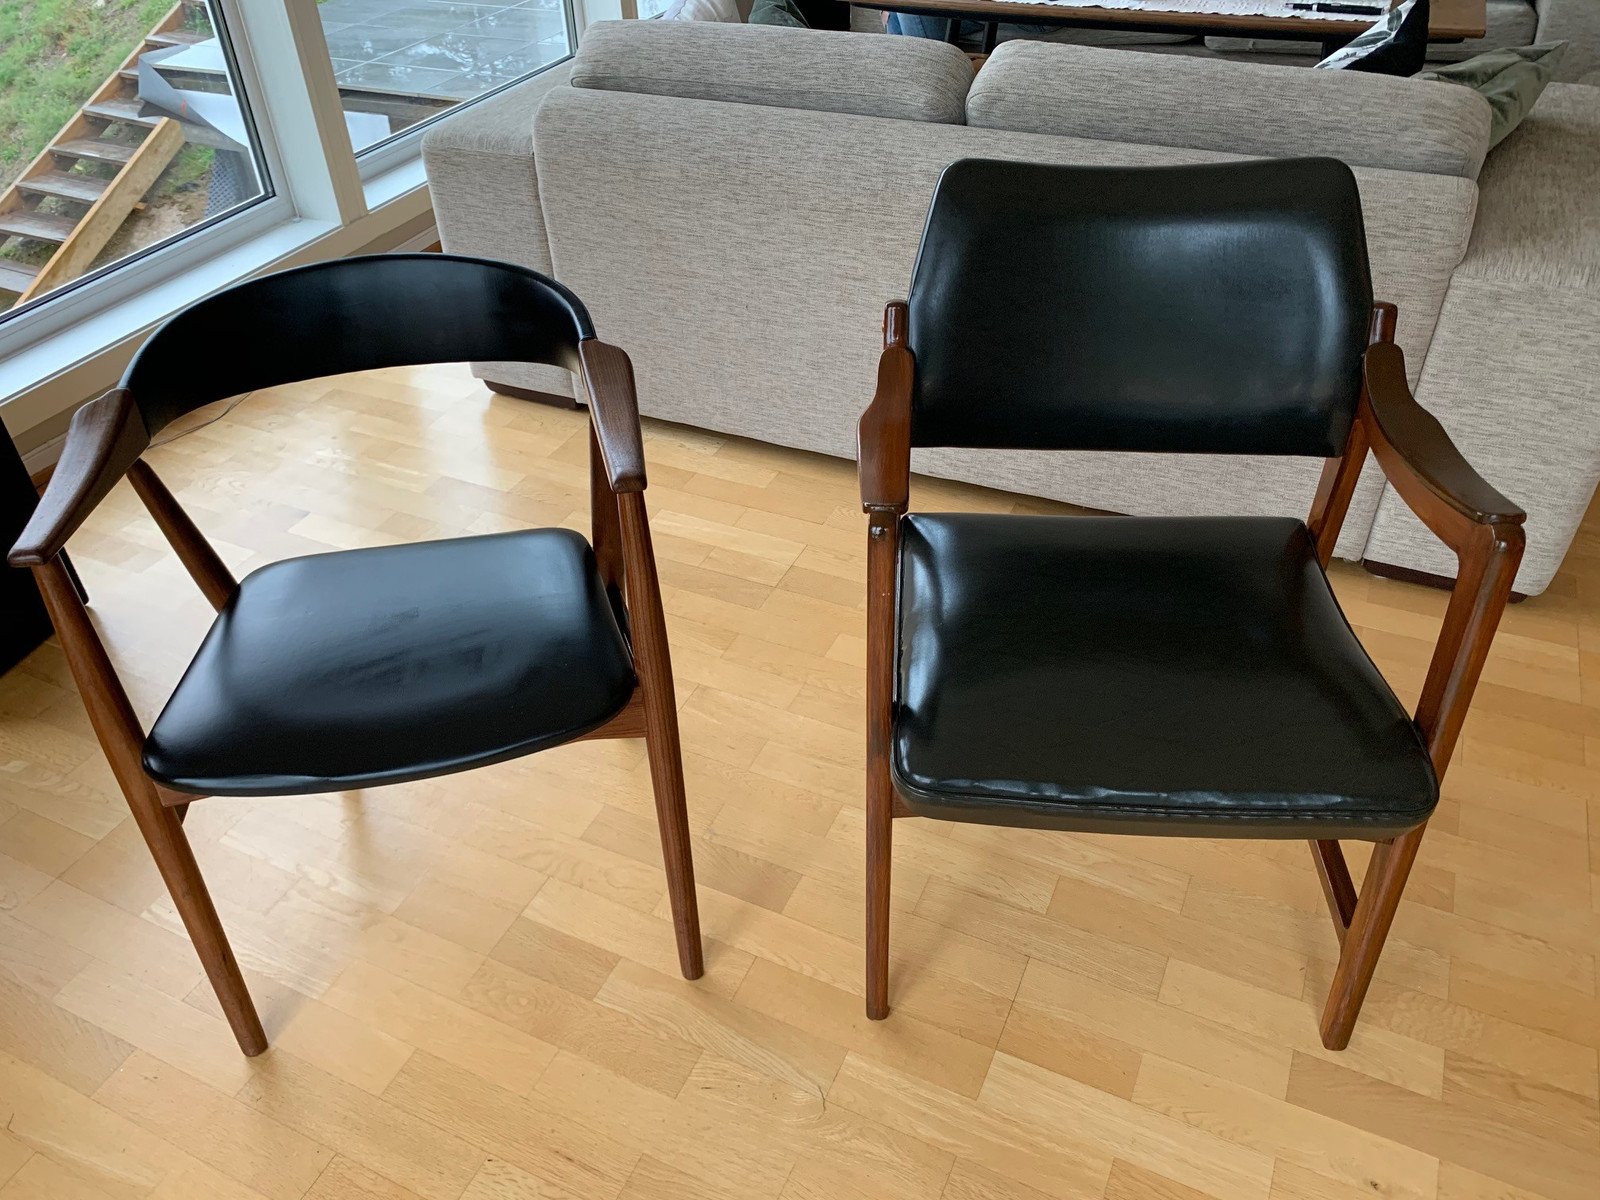 Stoler retro Olav Haug stol og Farstrup 50 tallet med teak